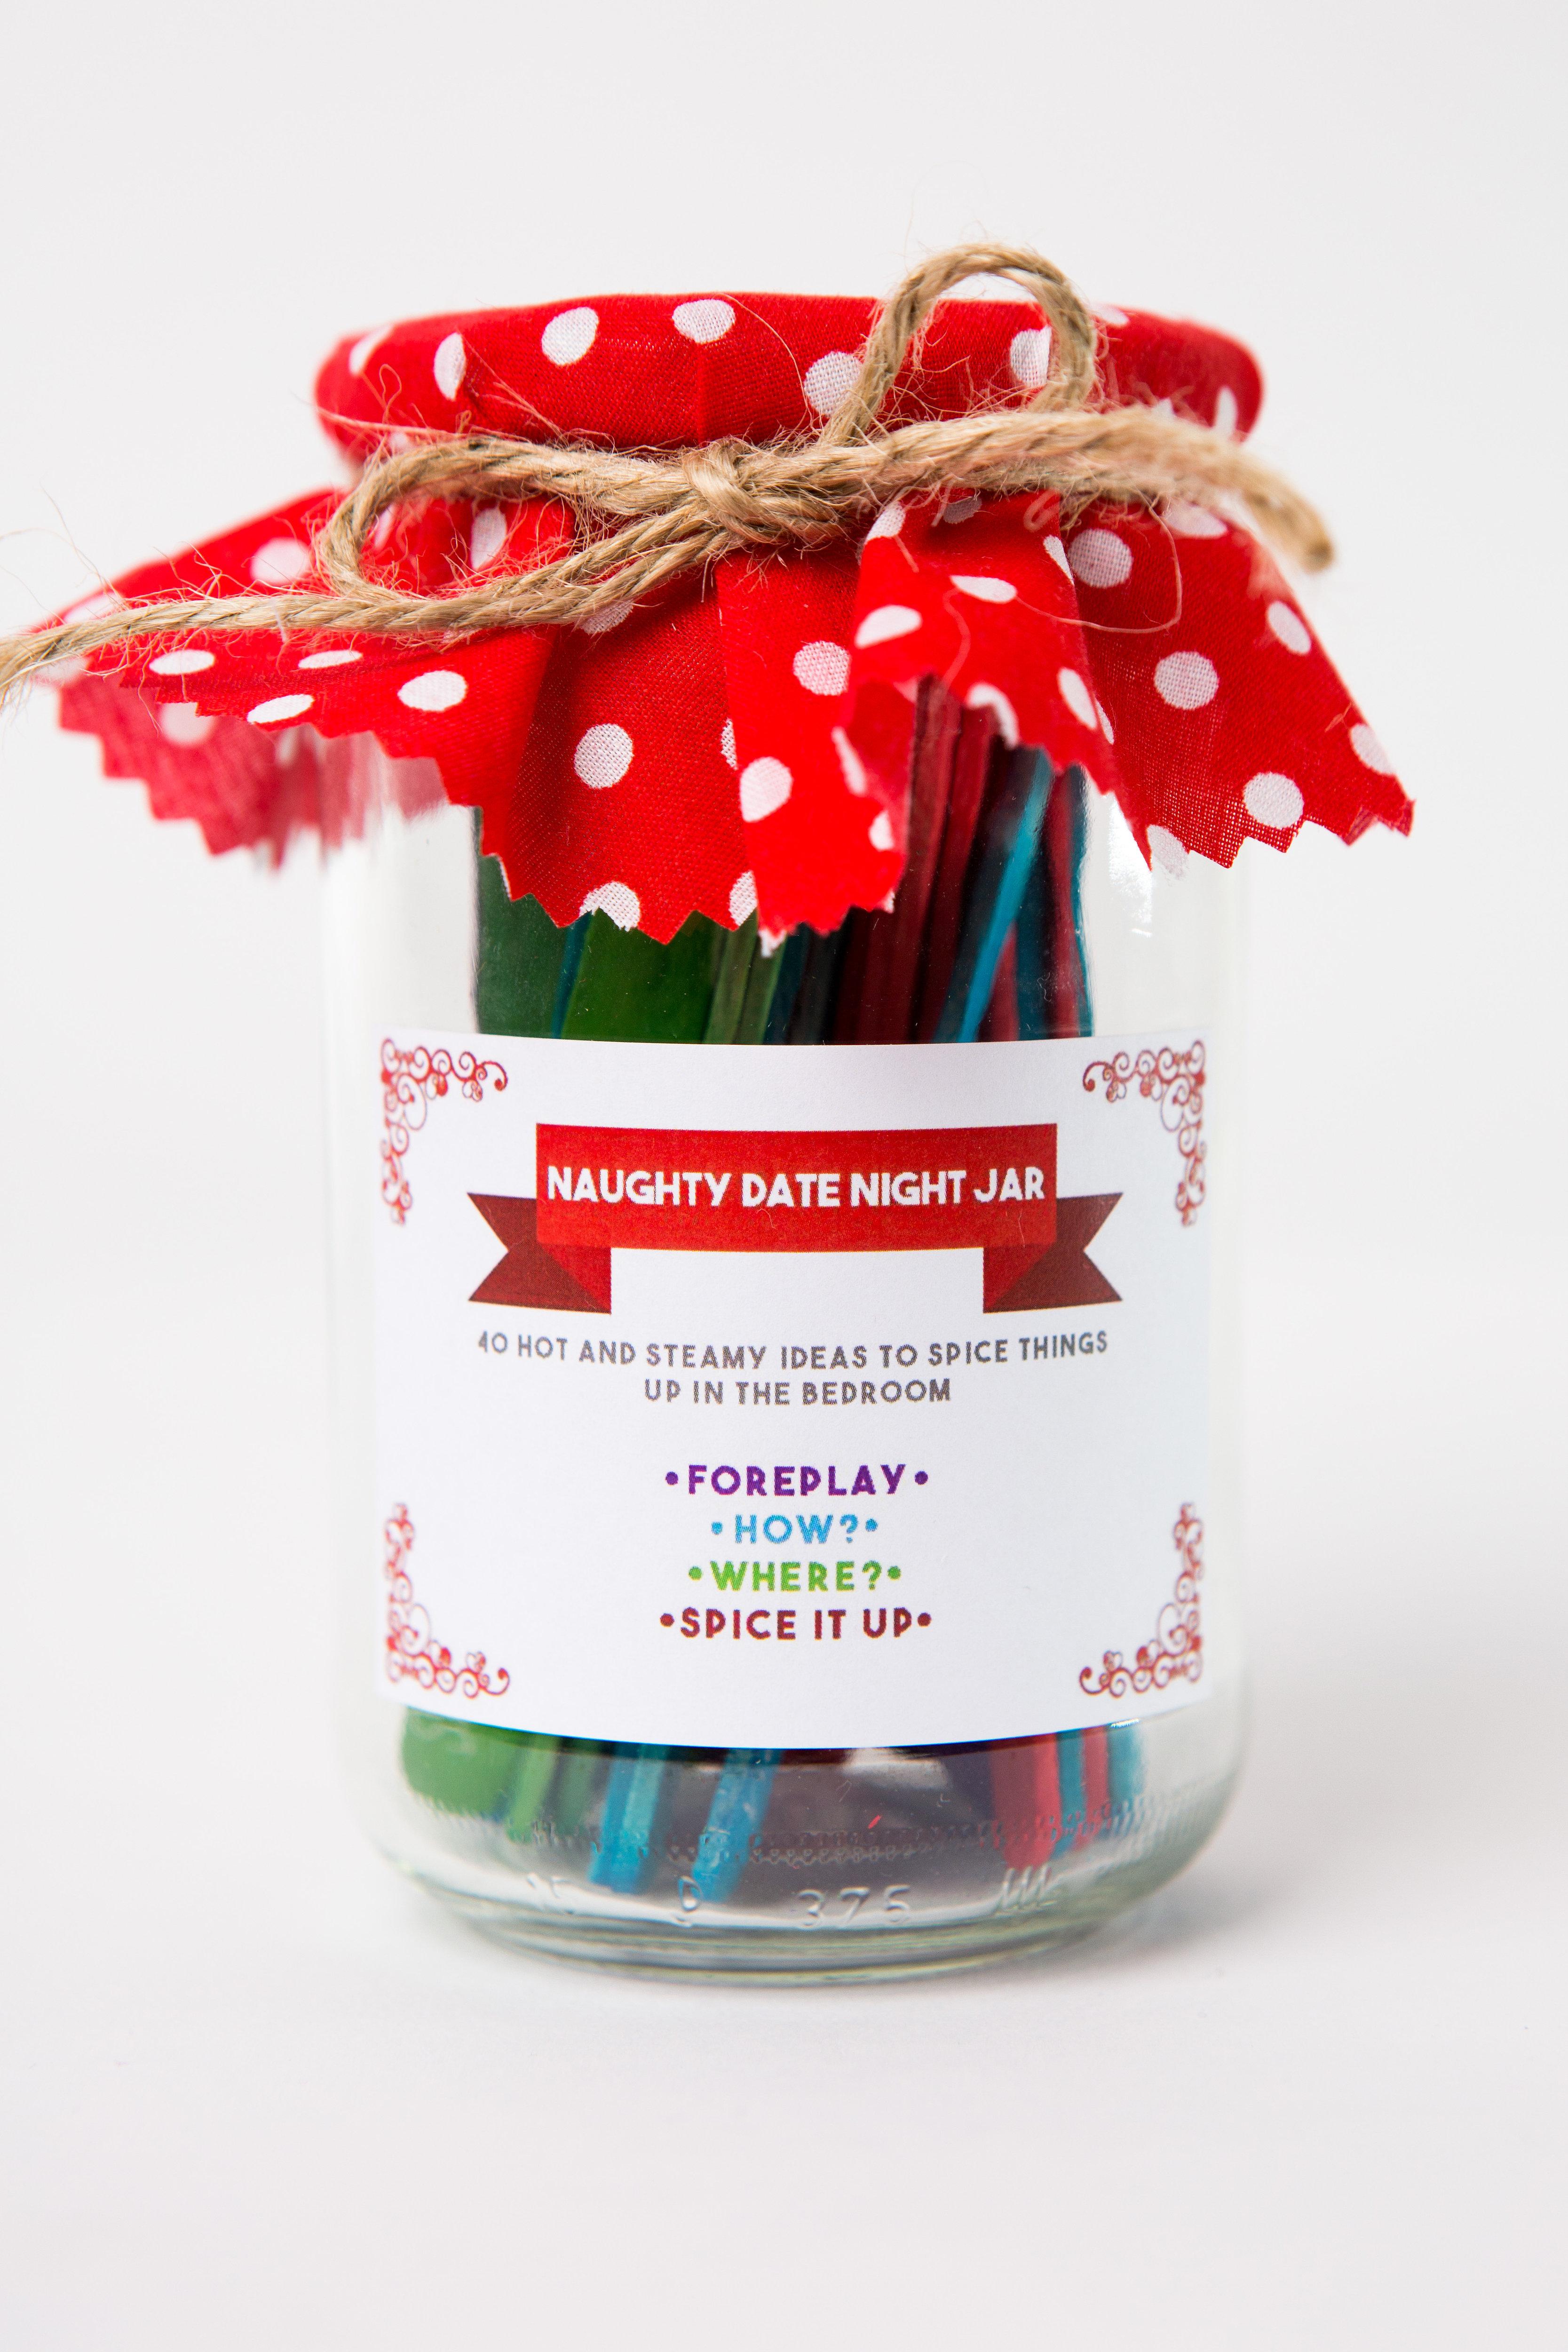 . Naughty Date Night Jar